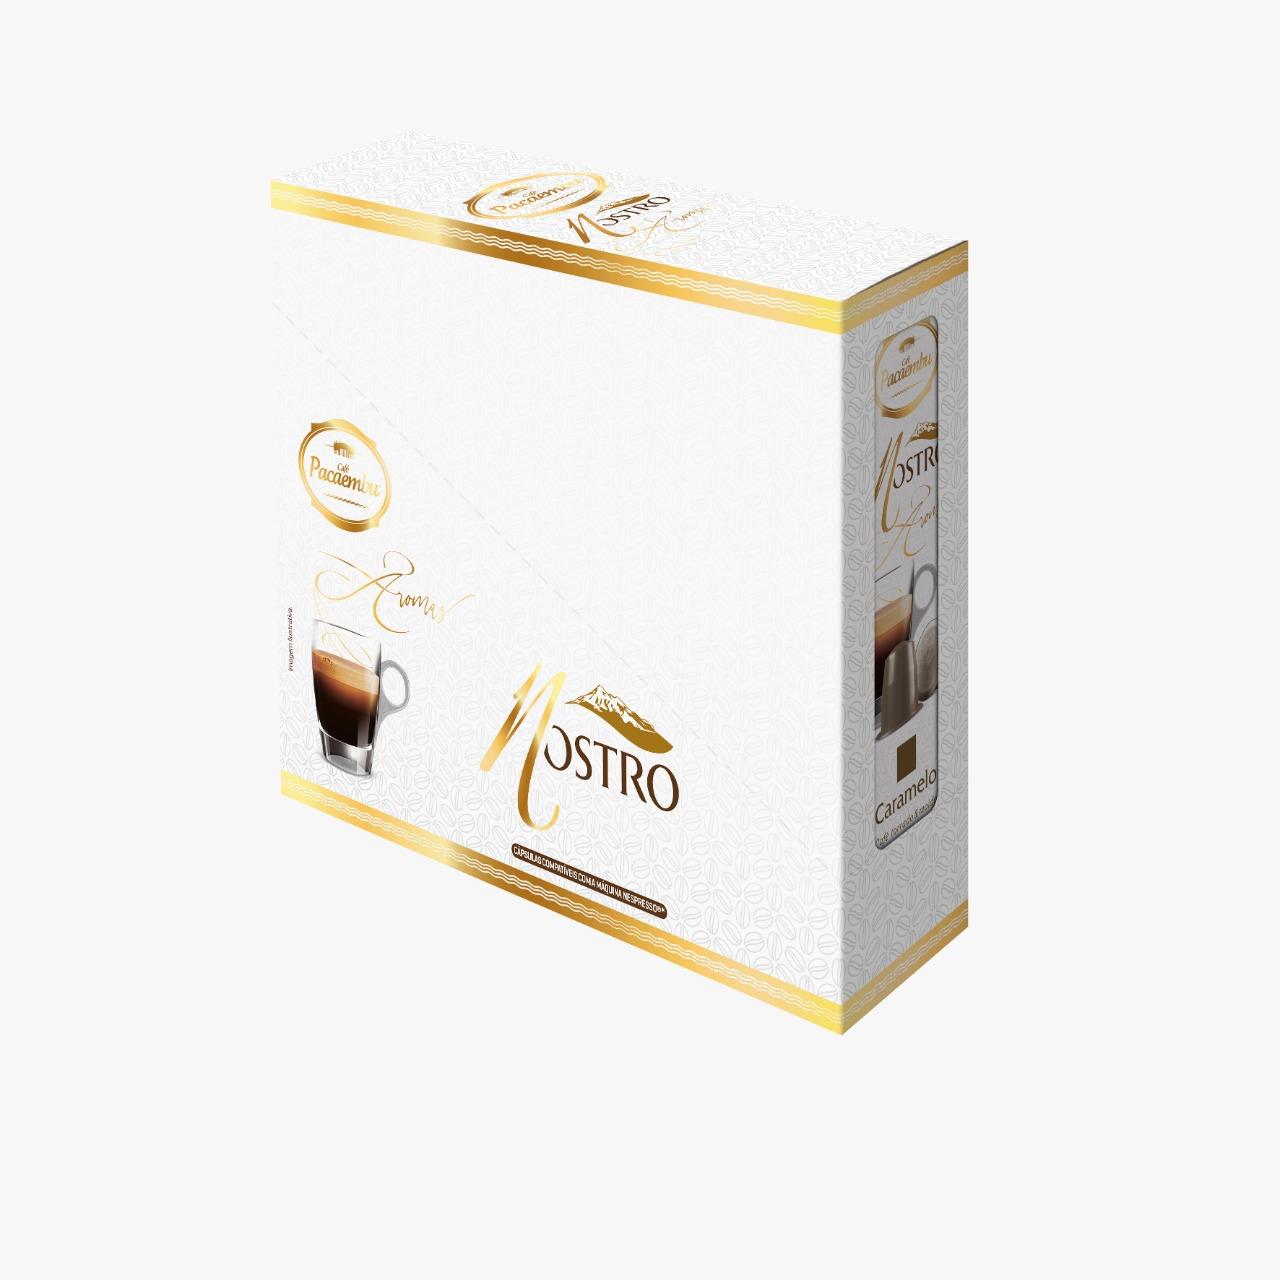 Caixa Display com 06 Cartuchos Aroma Caramelo Pacaembu